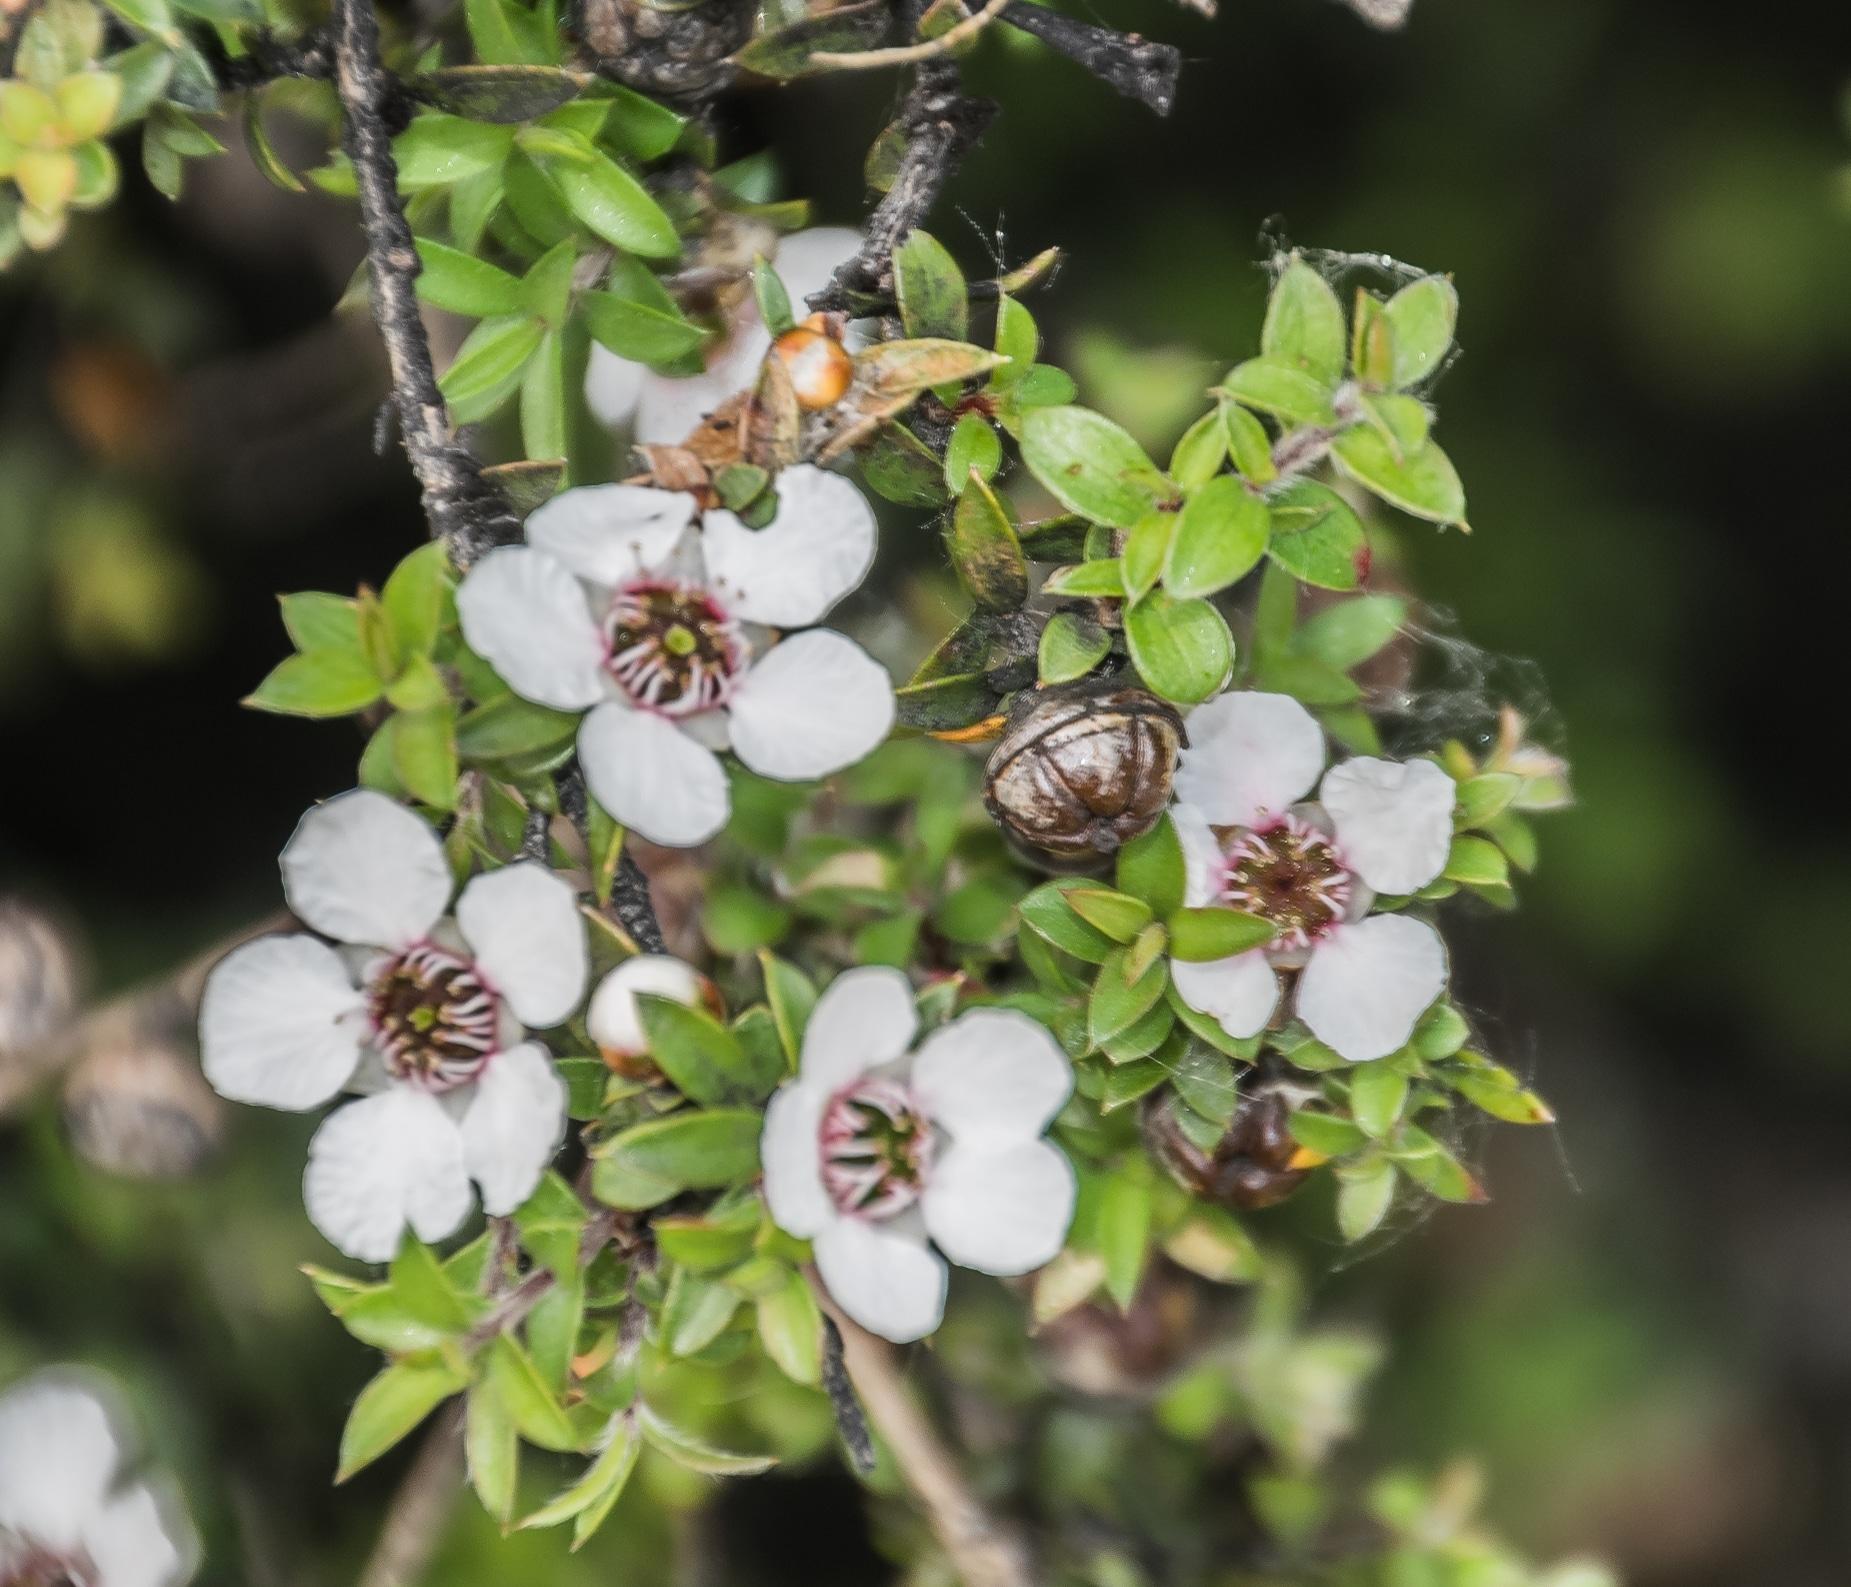 Vista del Leptospermum scoparium